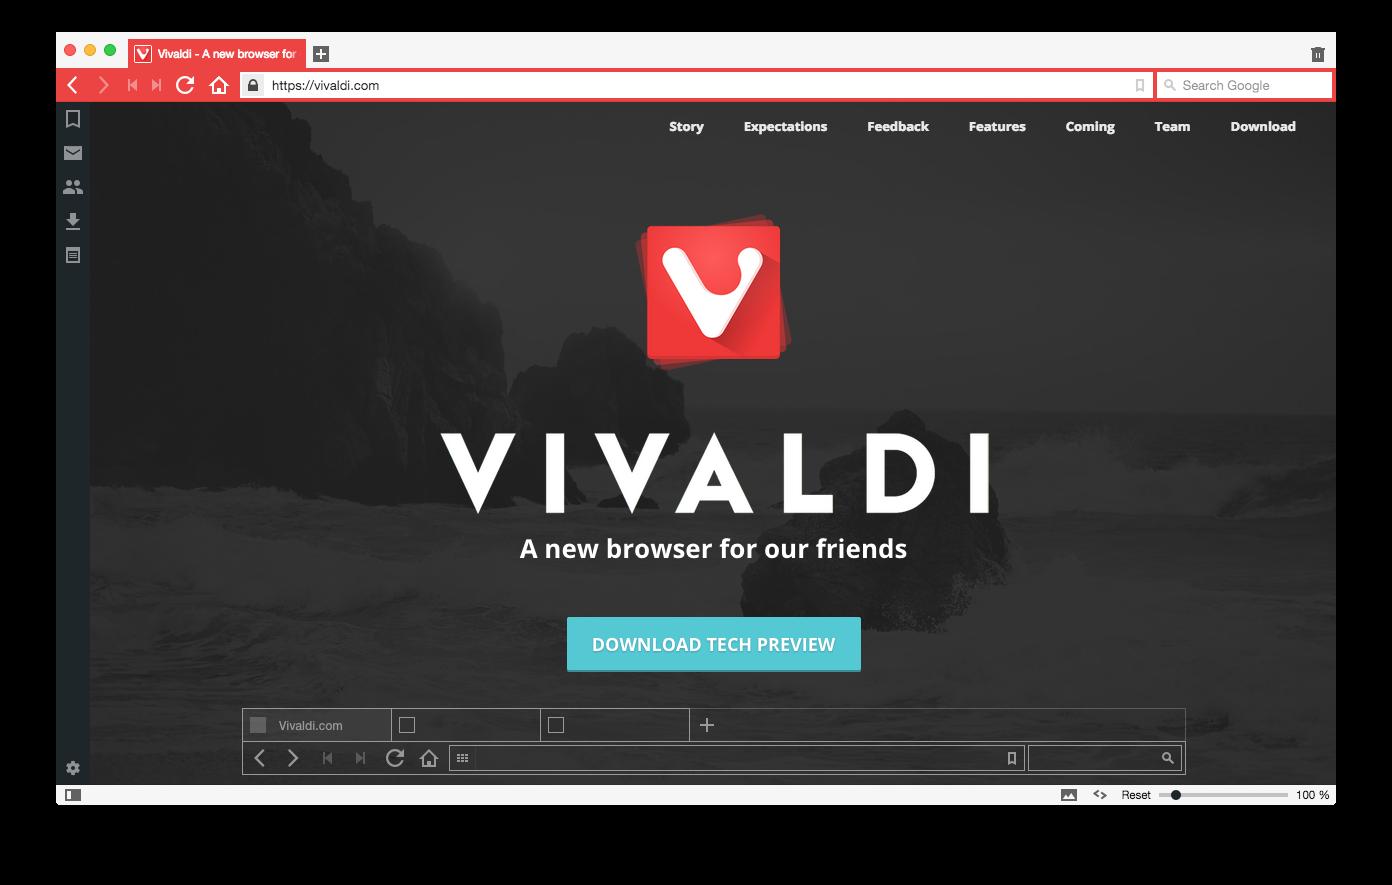 Обзор нового интернет браузера Vivaldi